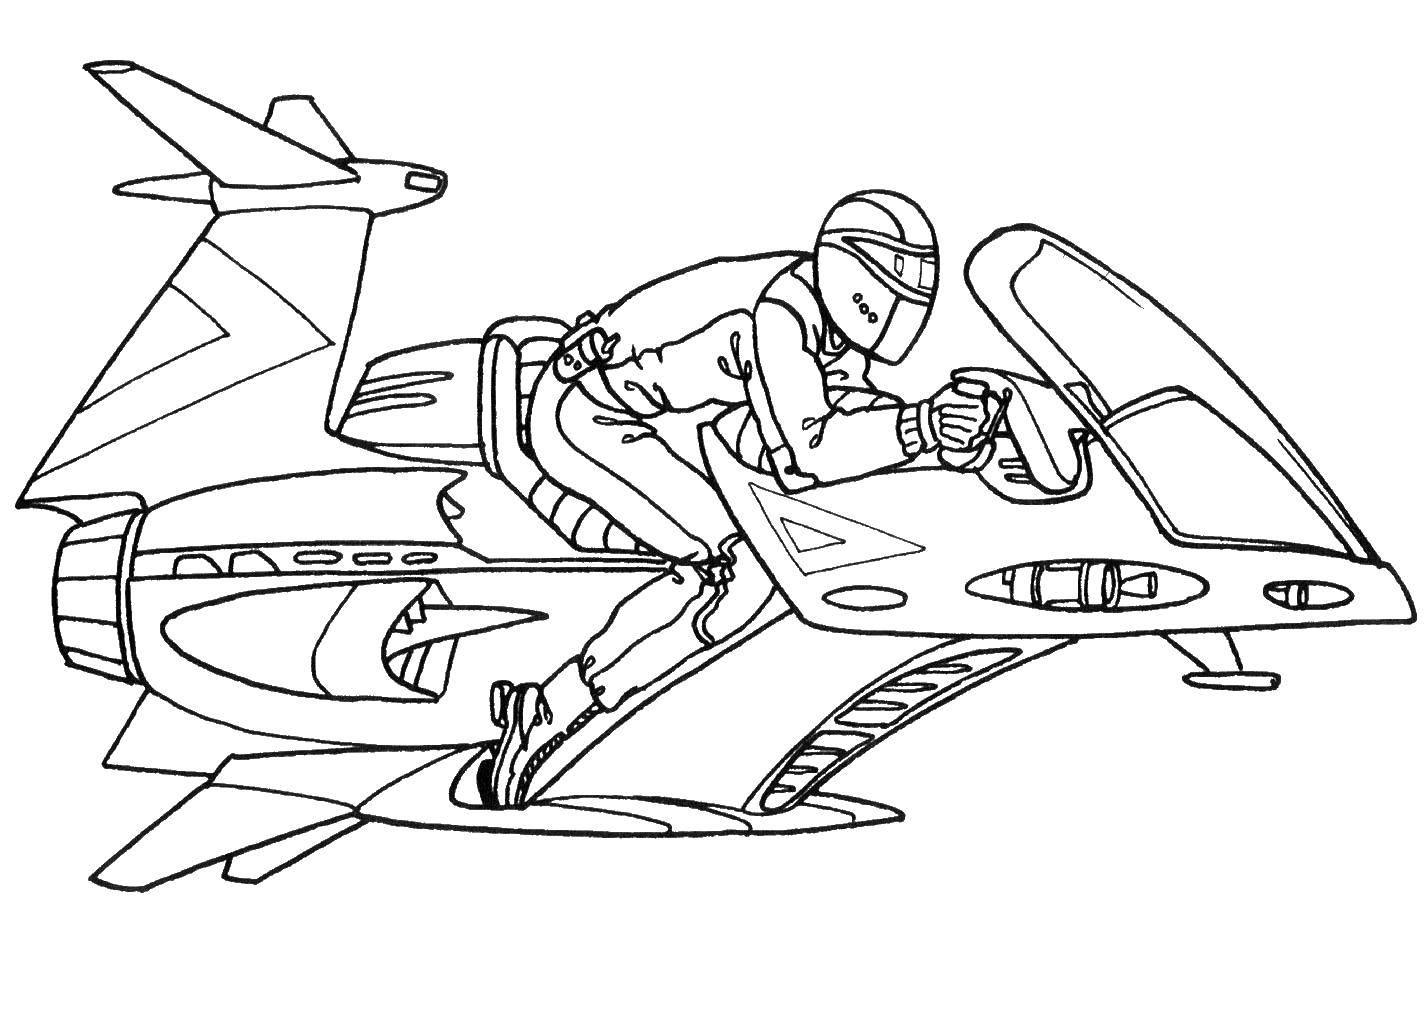 Раскраска Летающий транспорт Скачать транспорт, ракета, человек.  Распечатать ,Спецтехника,